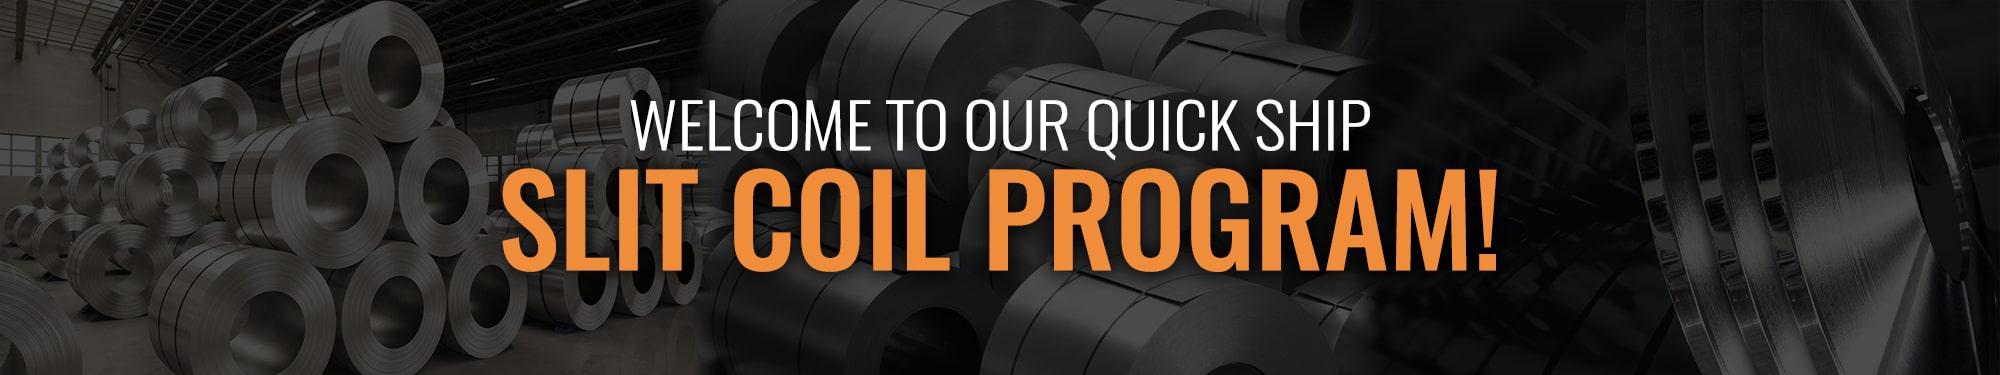 Slit Coil Program Banner